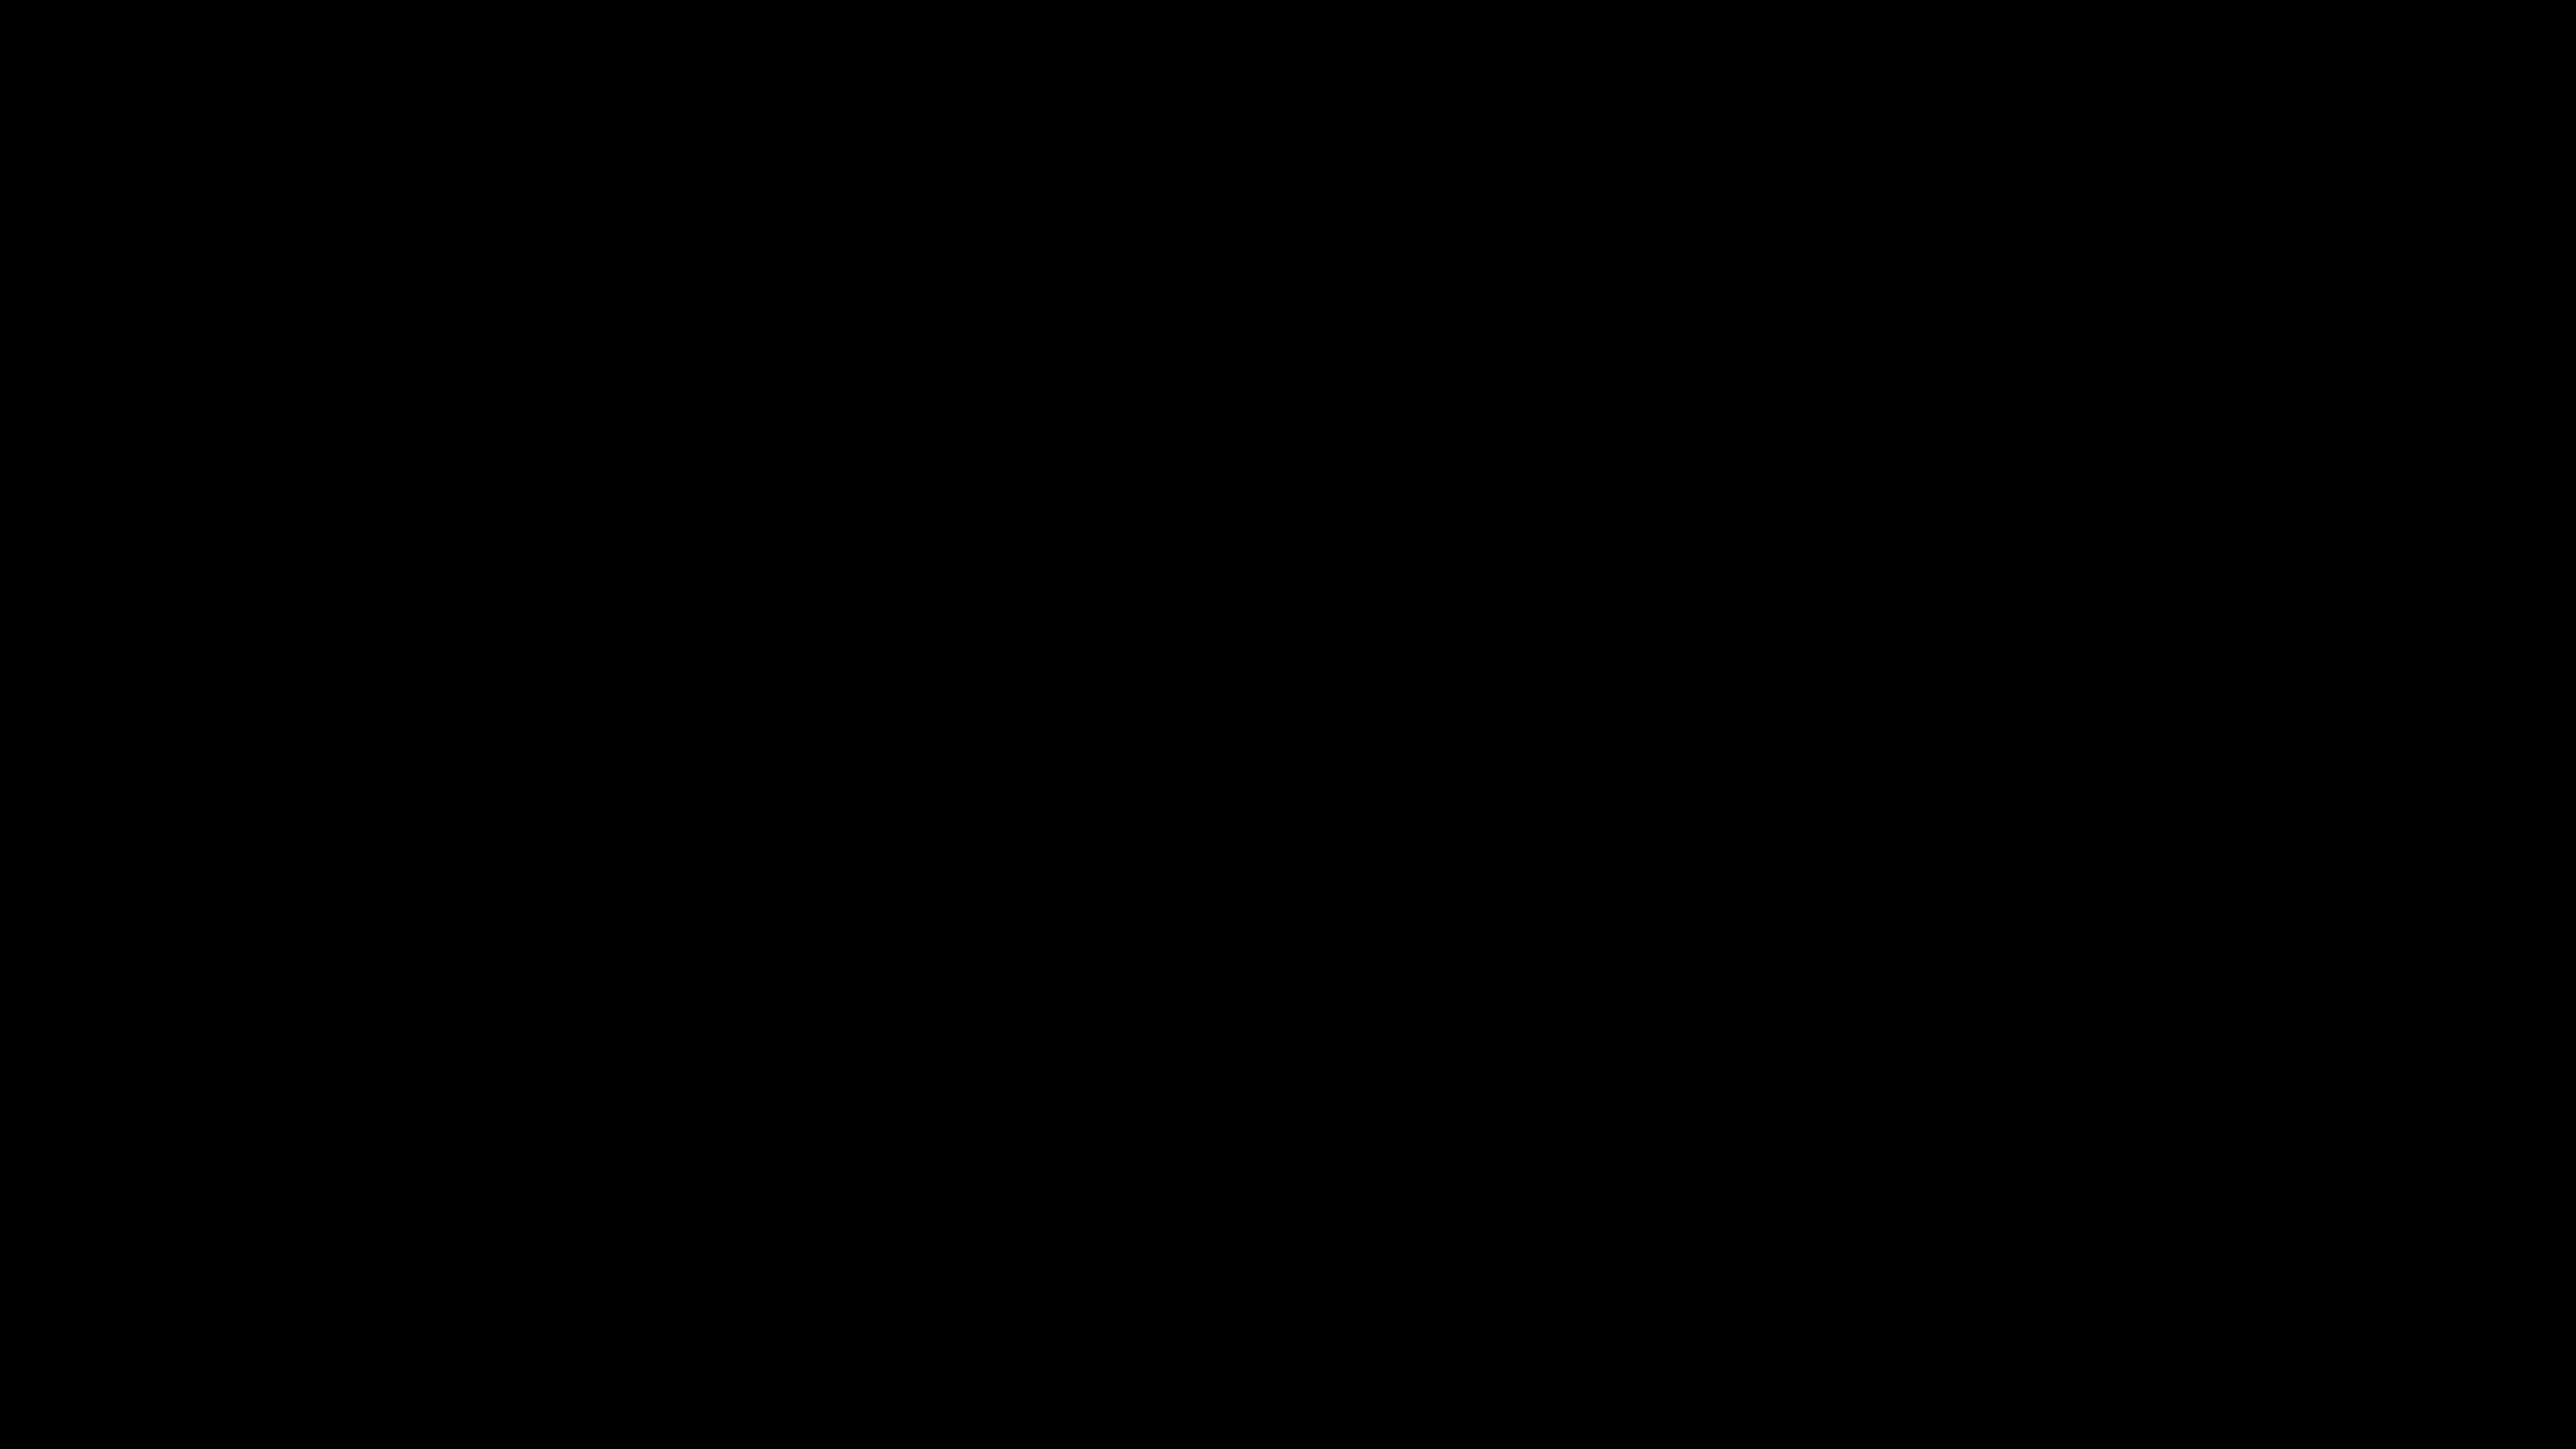 SHAKE Beverage Delivery System